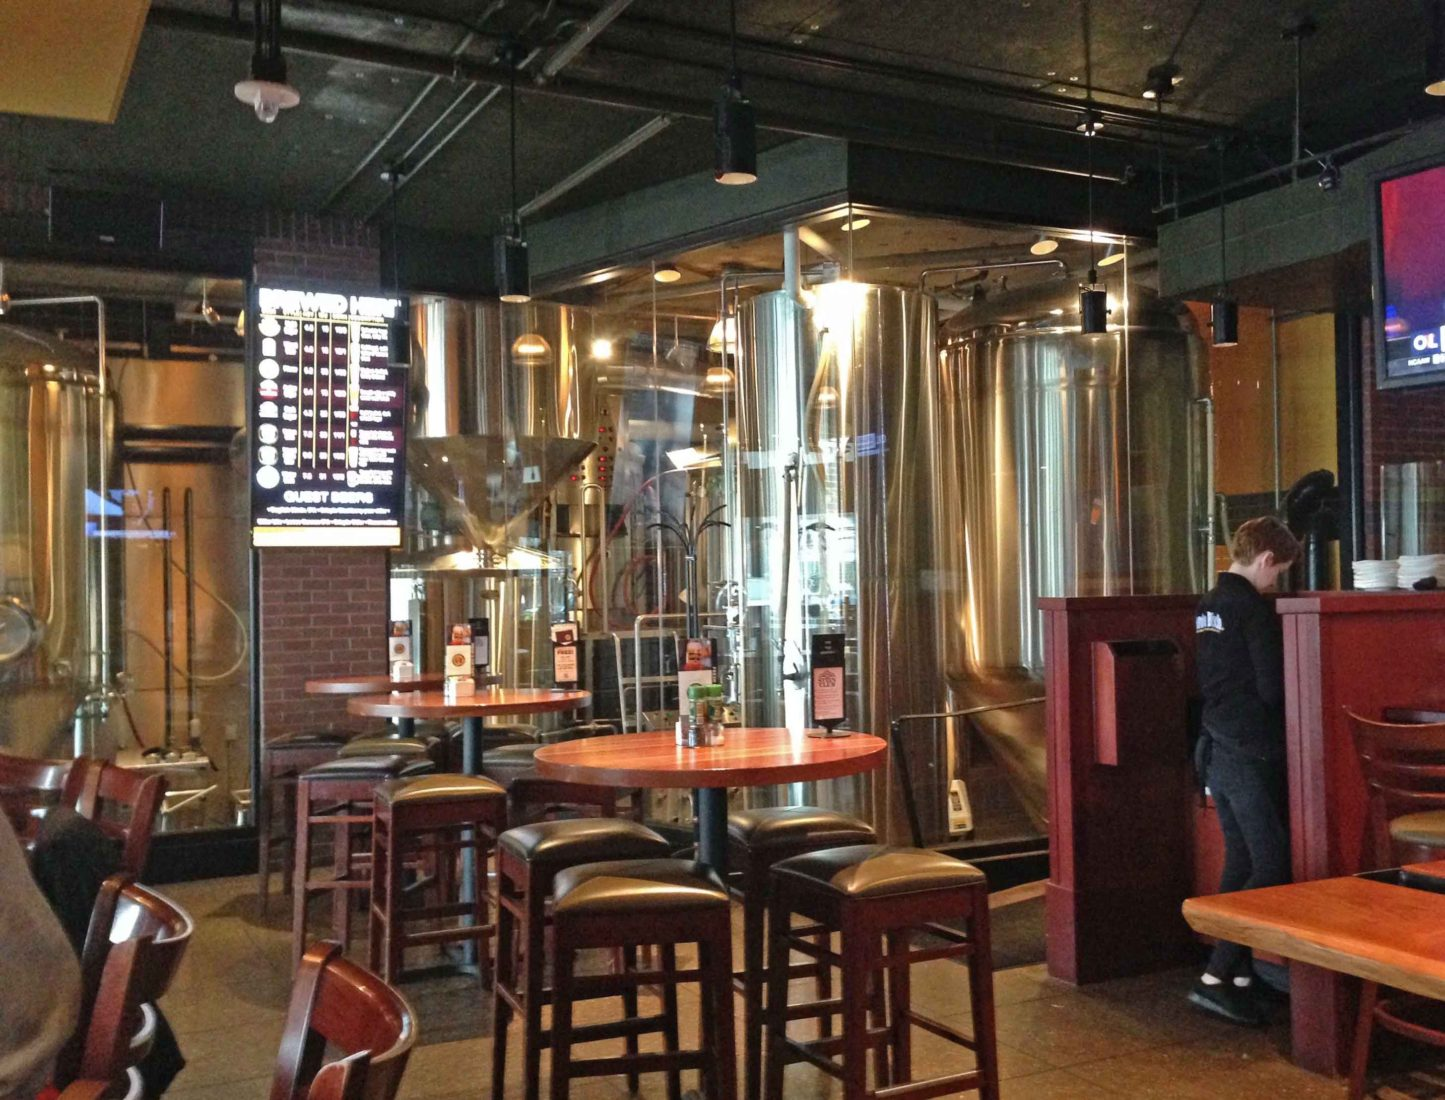 226. Gordon Biersch Brewery, Baltimore MD 2015